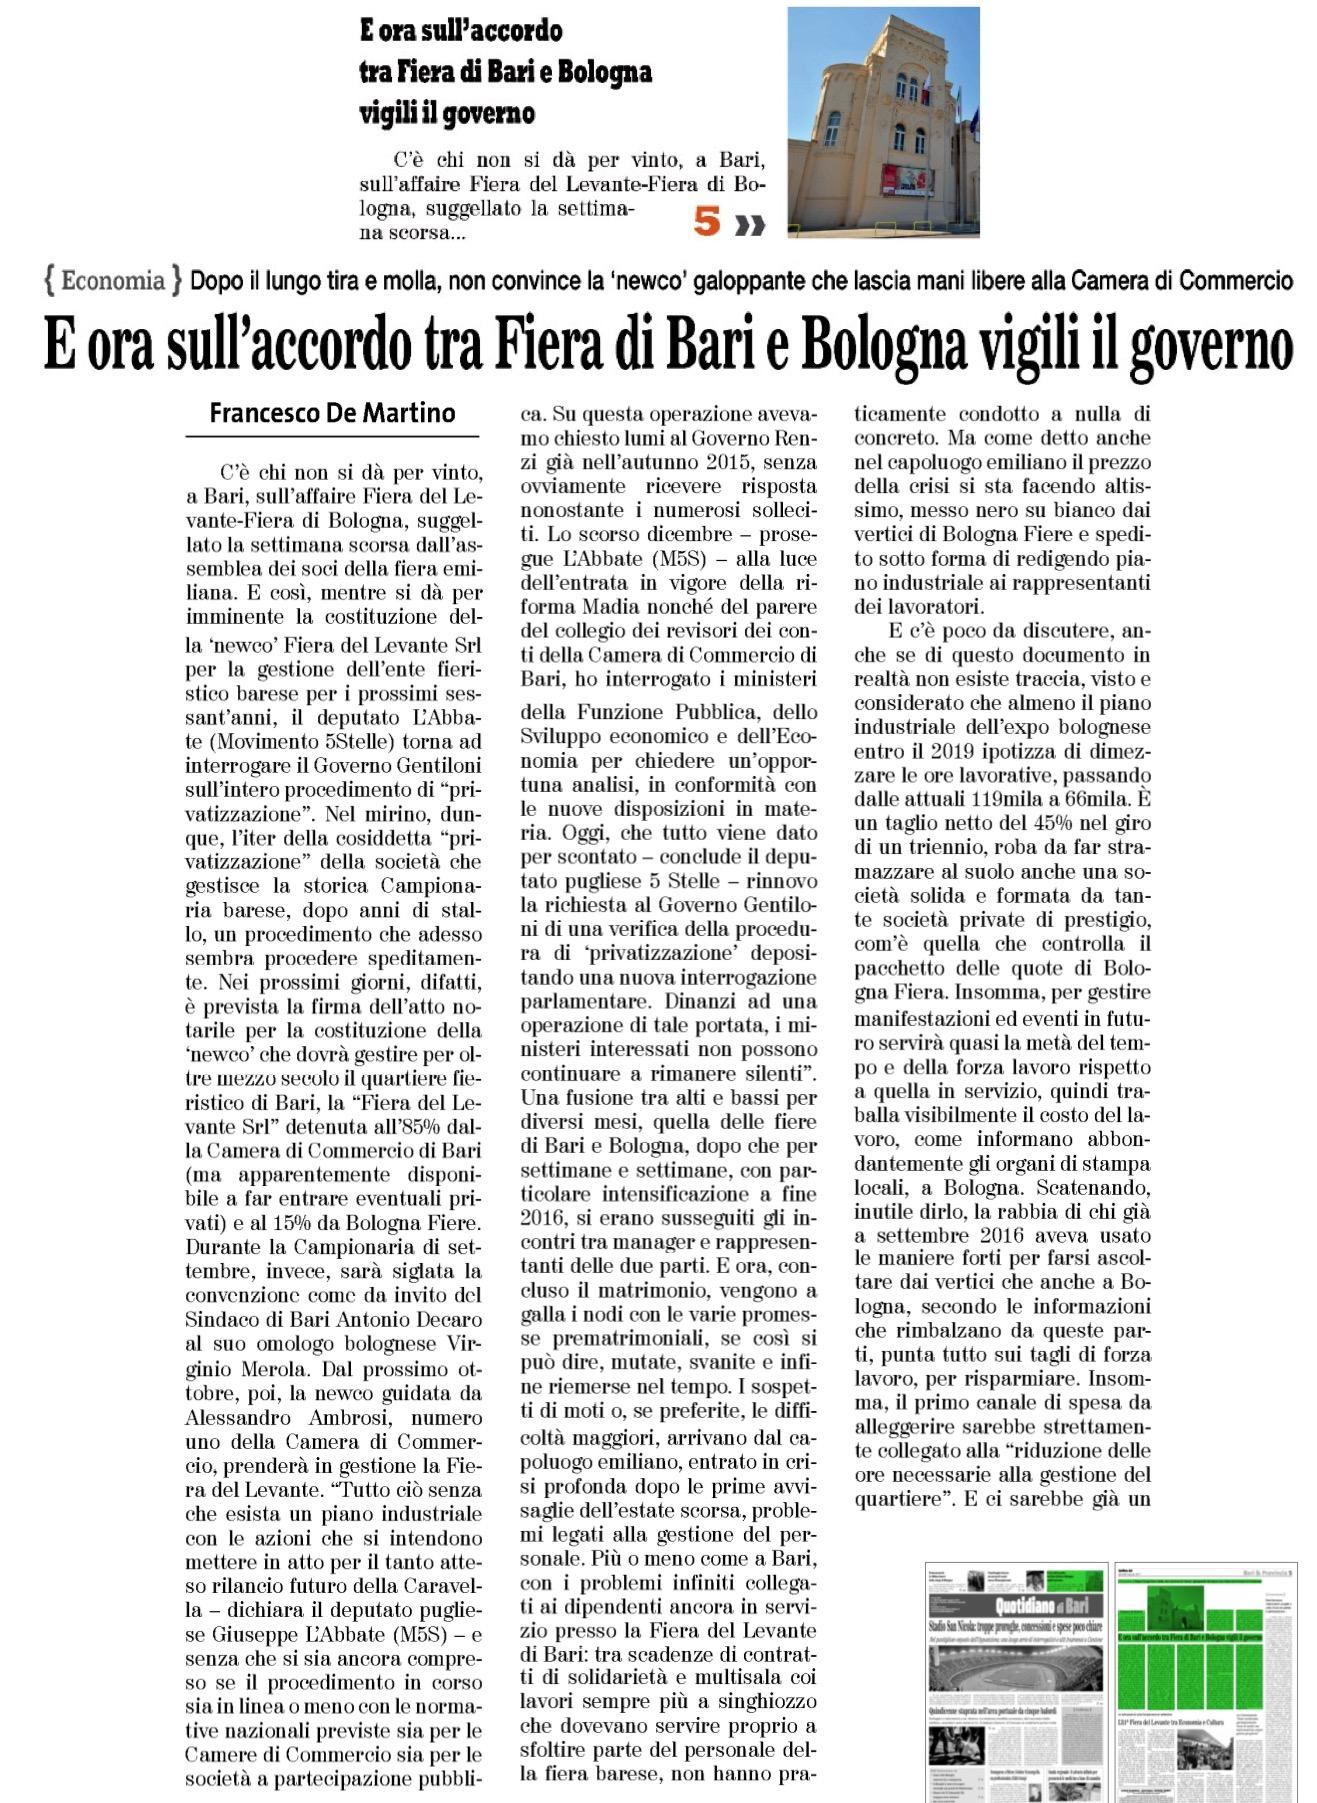 Il Quotidiano di Bari - 03.08.2017